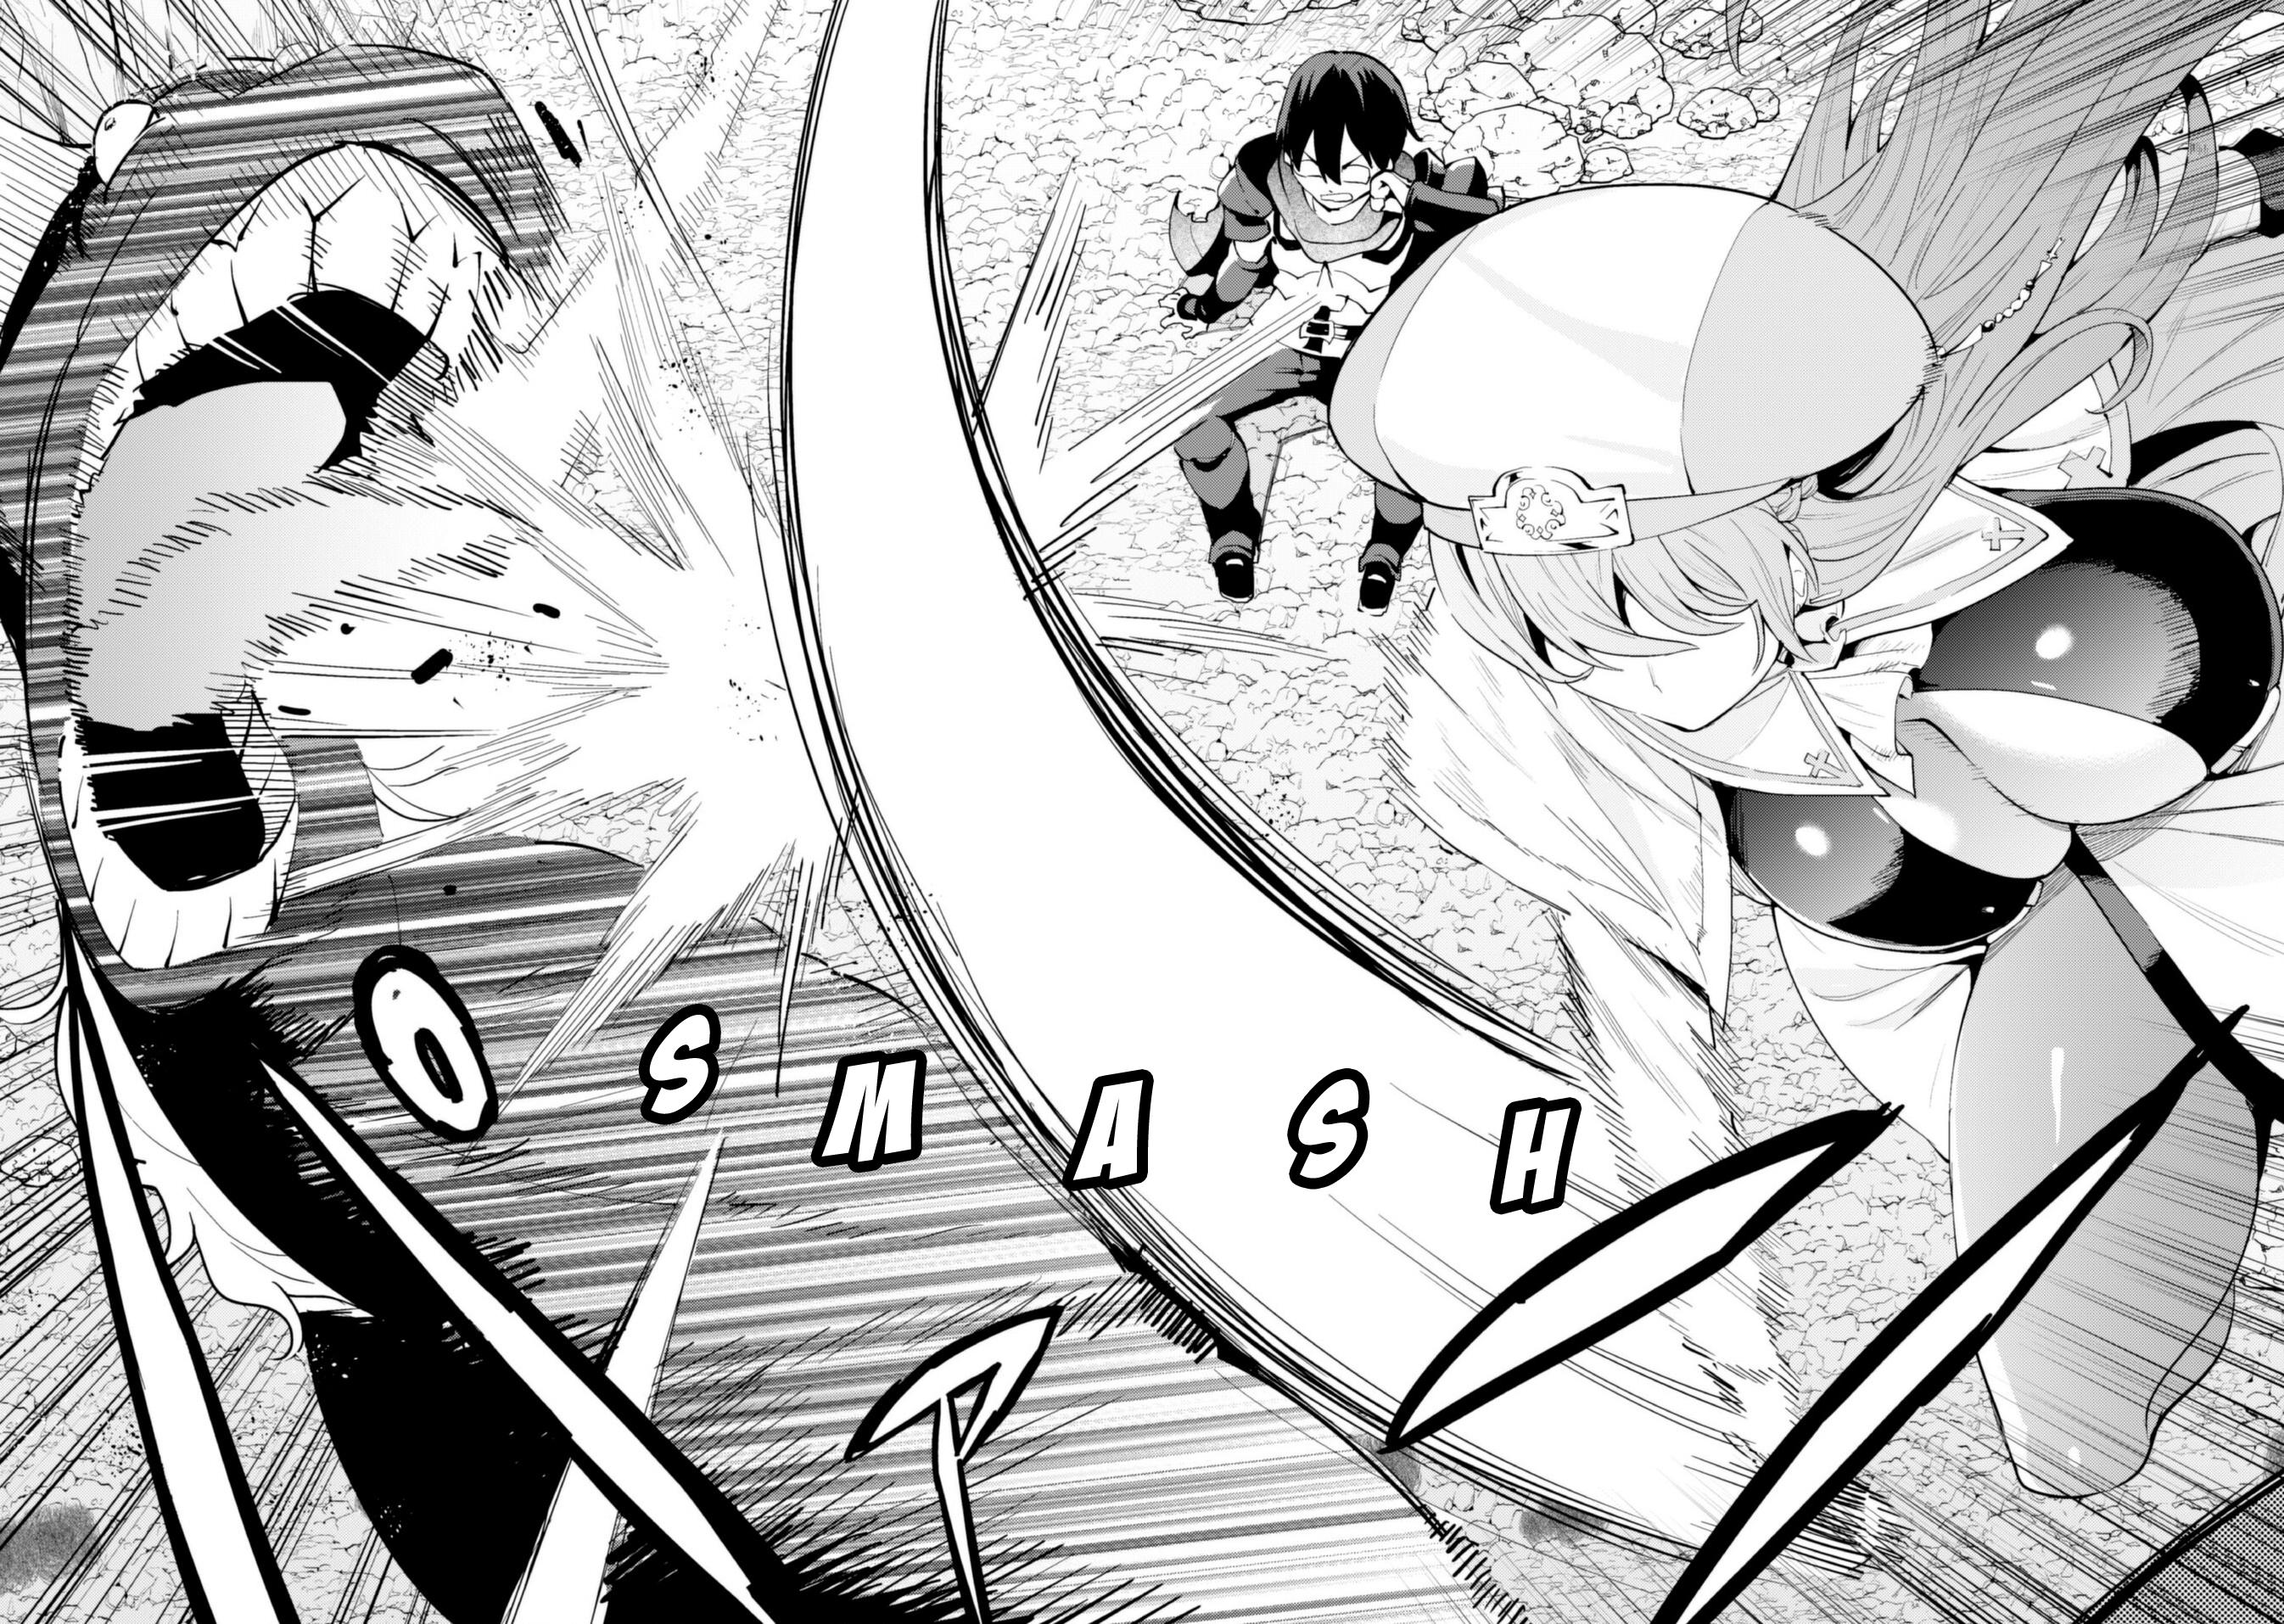 Manga Gacha wo Mawashite Nakama wo Fuyasu: Saikyou no Bishoujo Gundan wo Tsukuriagero - Chapter 22 Page 16